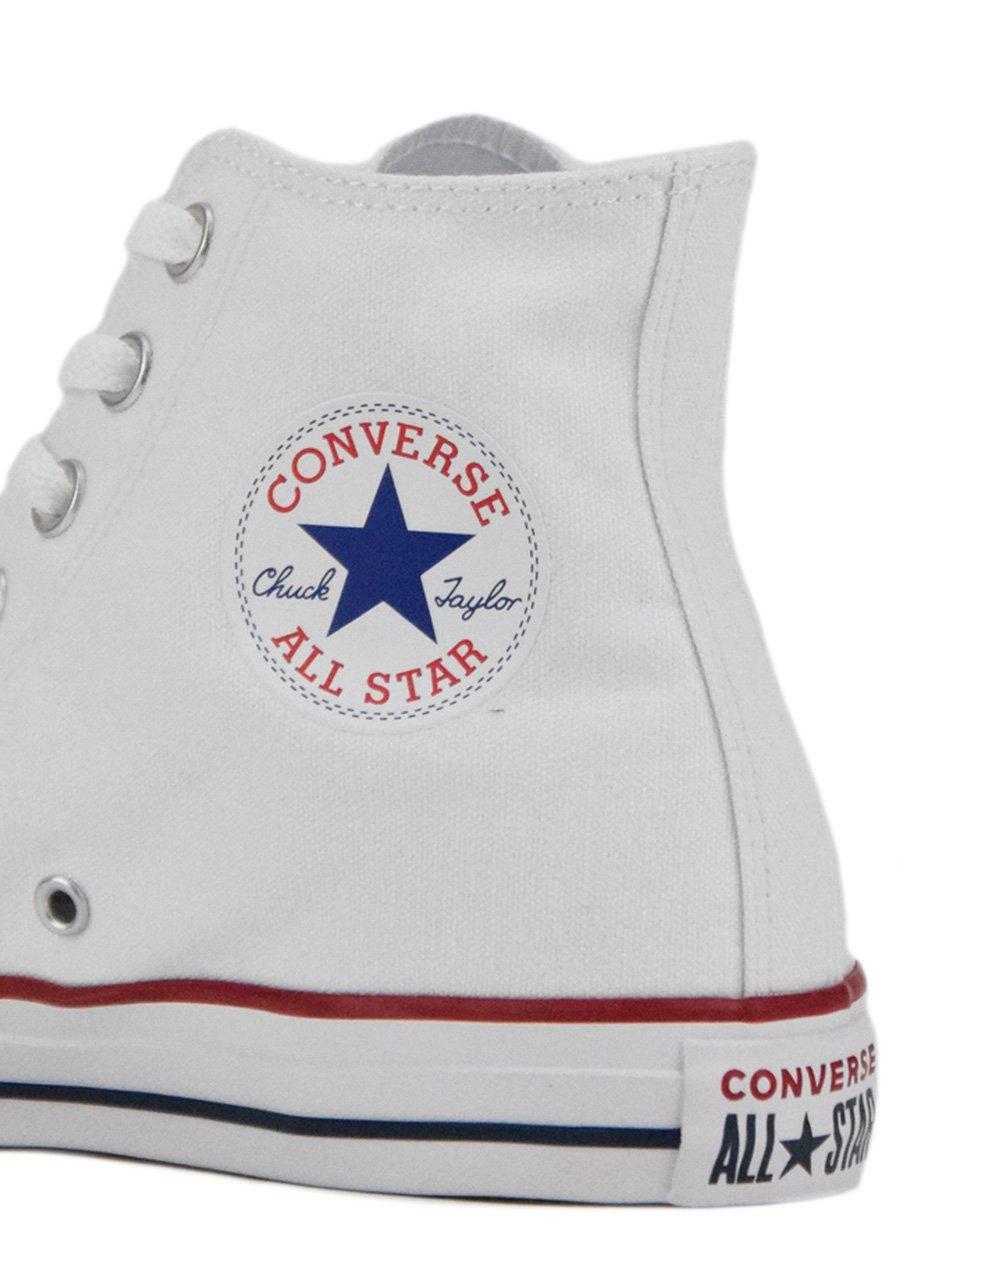 Converse Chuck Taylor All Star Hi (M7650) Optical White